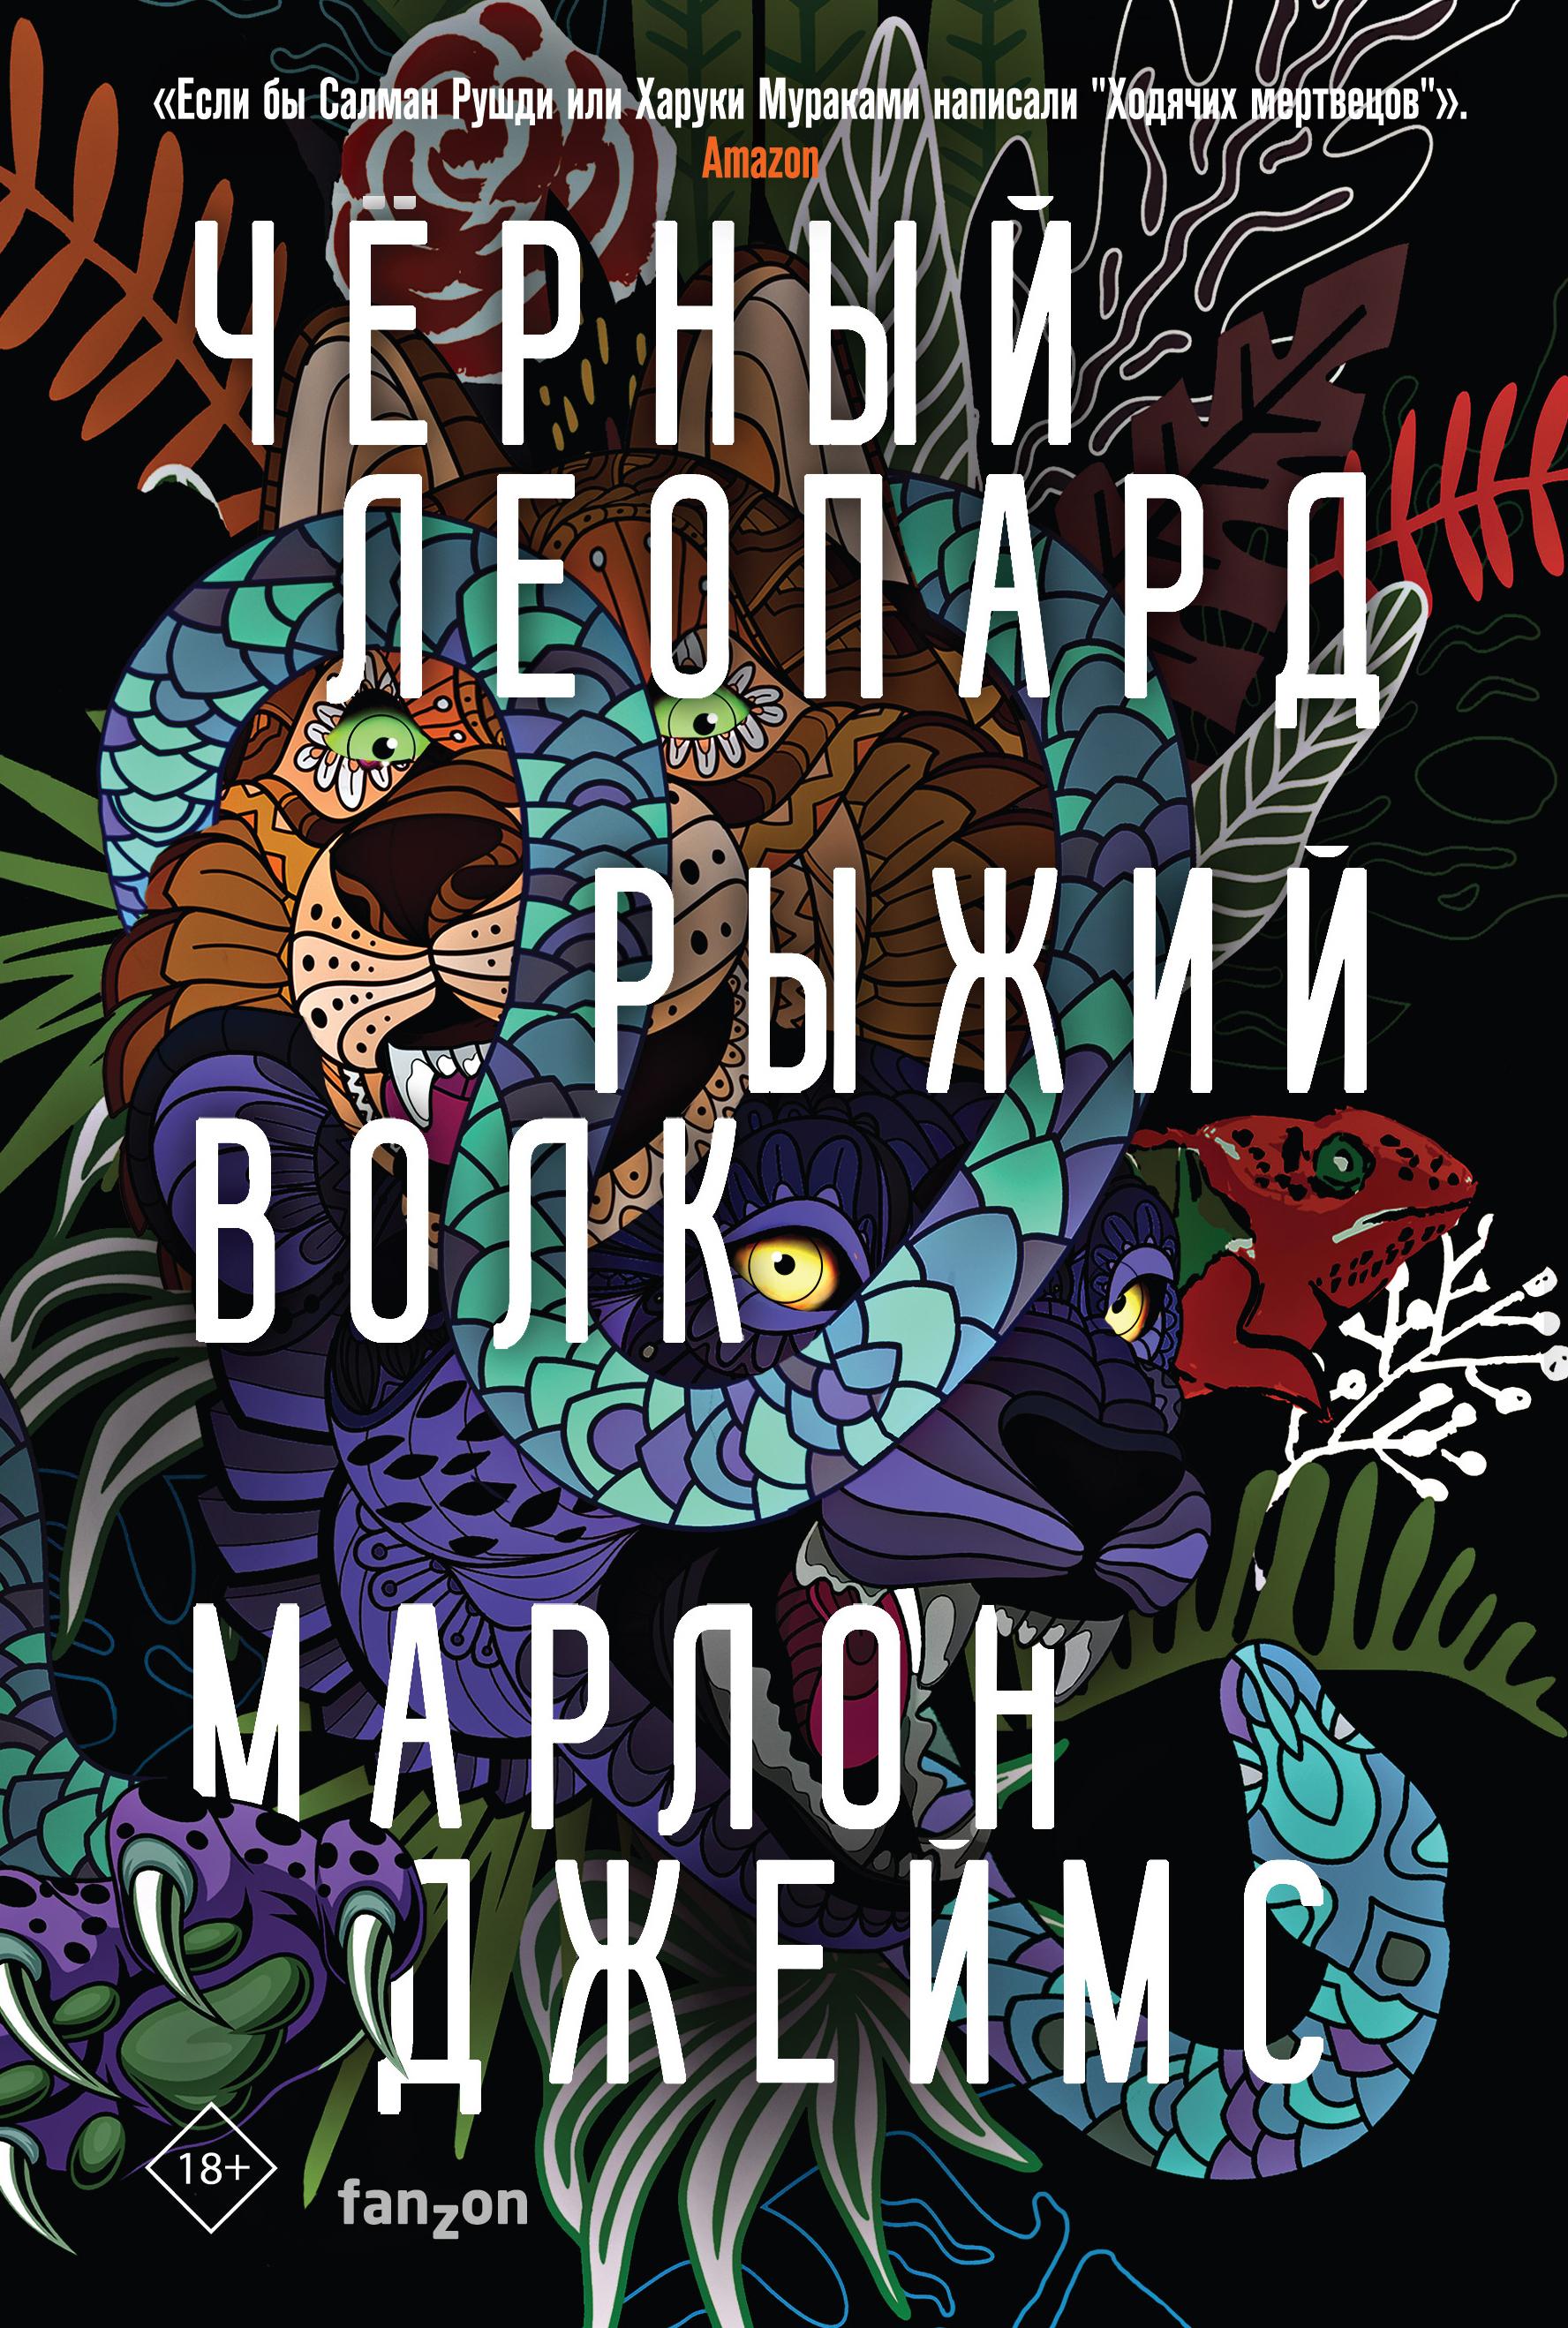 Картинки по запросу Марлон Джеймс, «Черный леопард, рыжий волк»